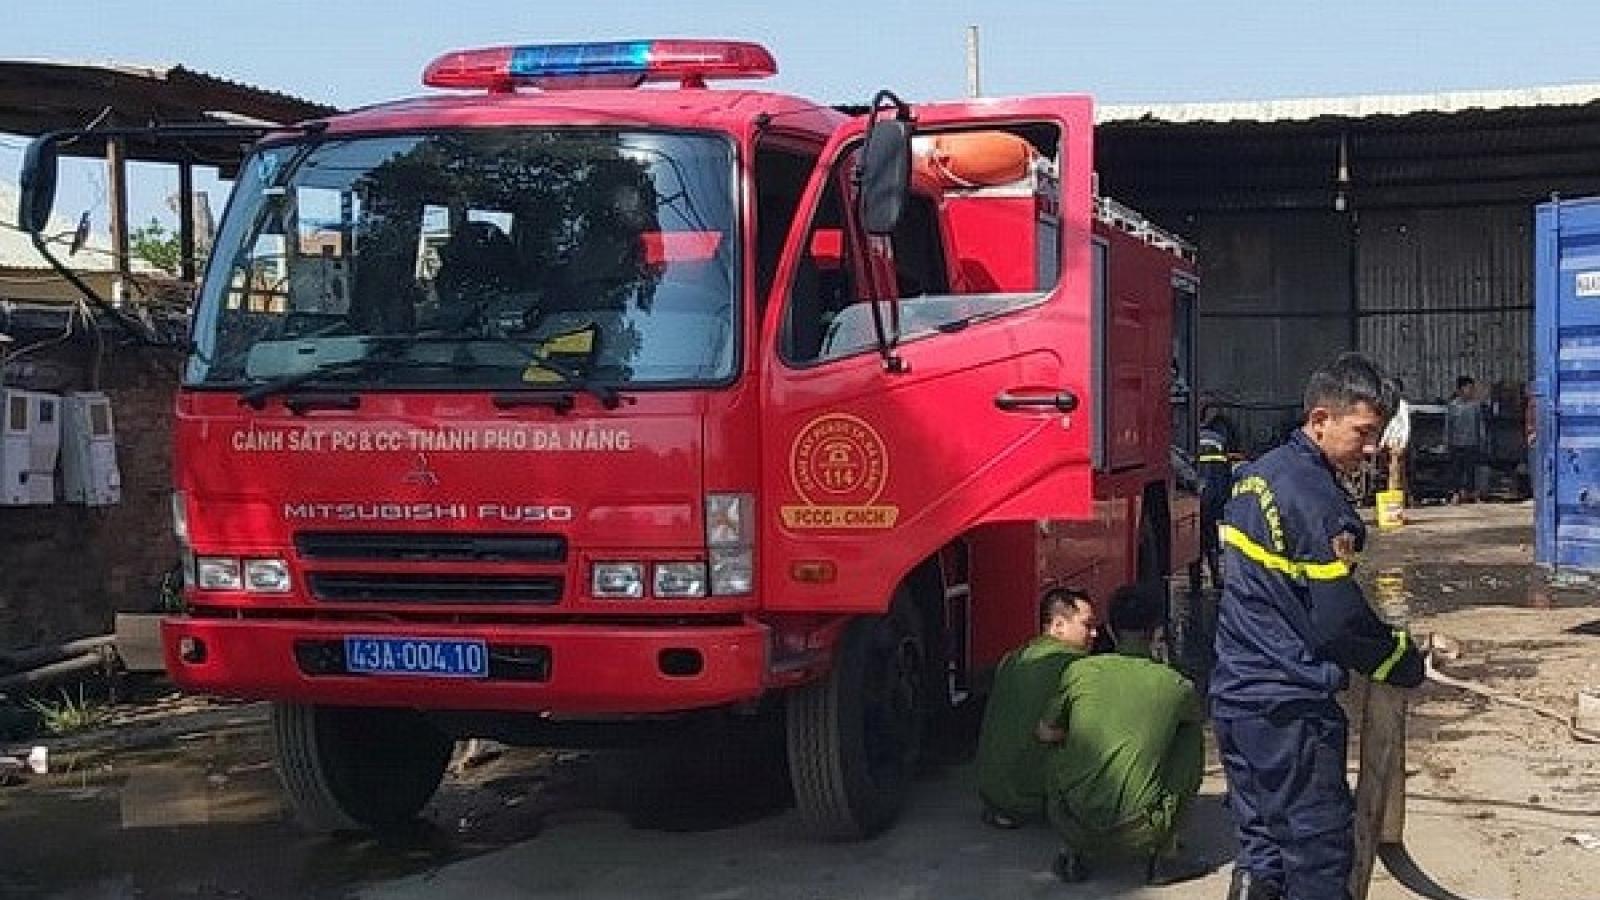 Dập tắt vụ cháy xe cẩu, không để lan sang bãi phế liệu